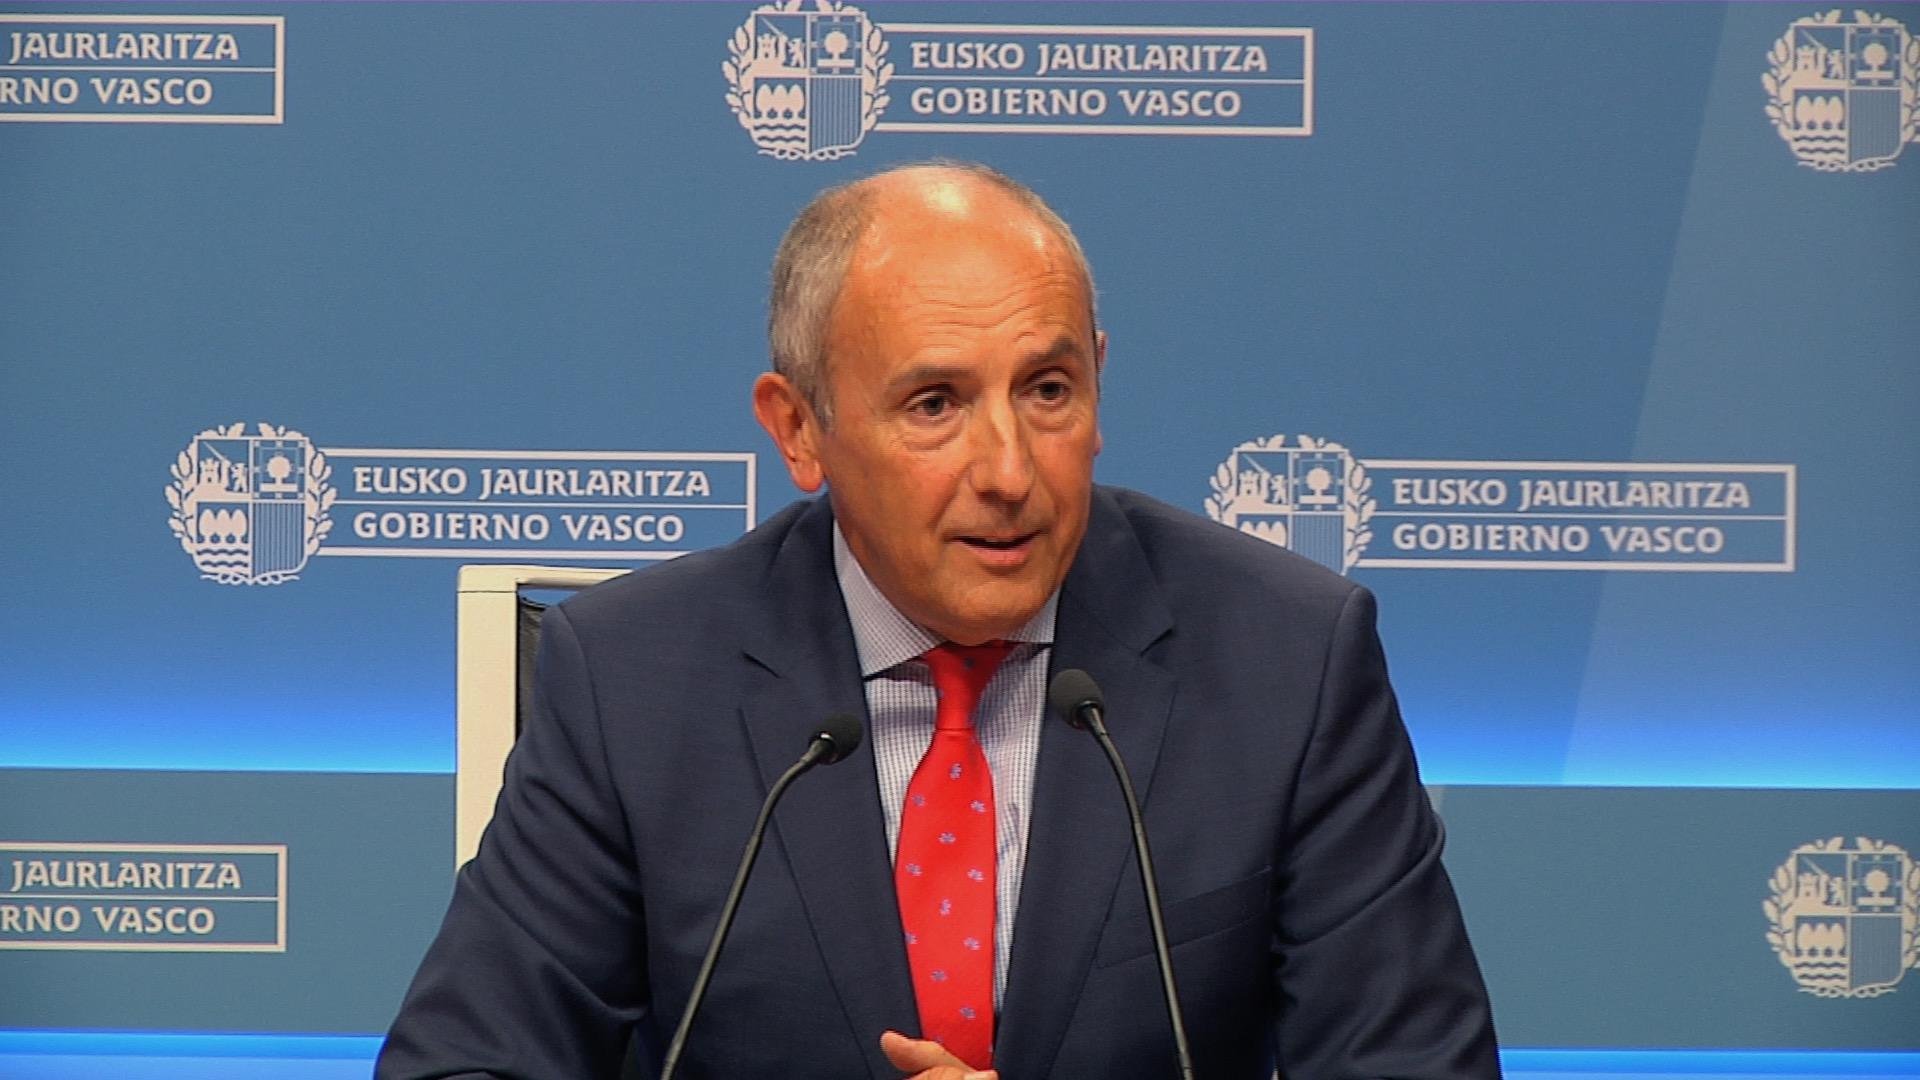 El Gobierno Vasco crea un grupo de trabajo para coordinar con las diputaciones, Eudel y las capitales vascas un eventual plan de acogida de refugiados  [10:42]